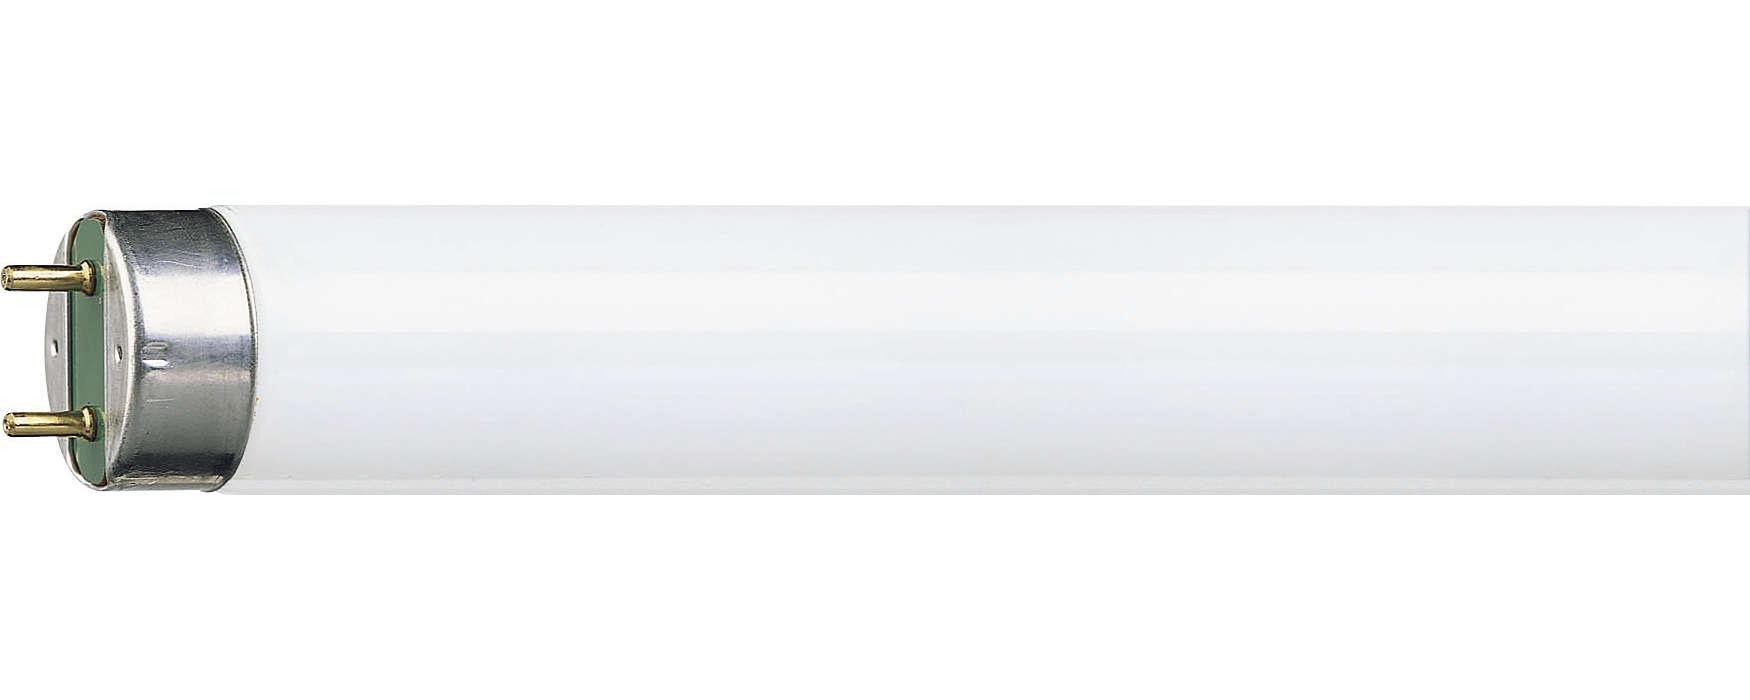 Die Leuchtstofflampe mit integriertem Reflektor